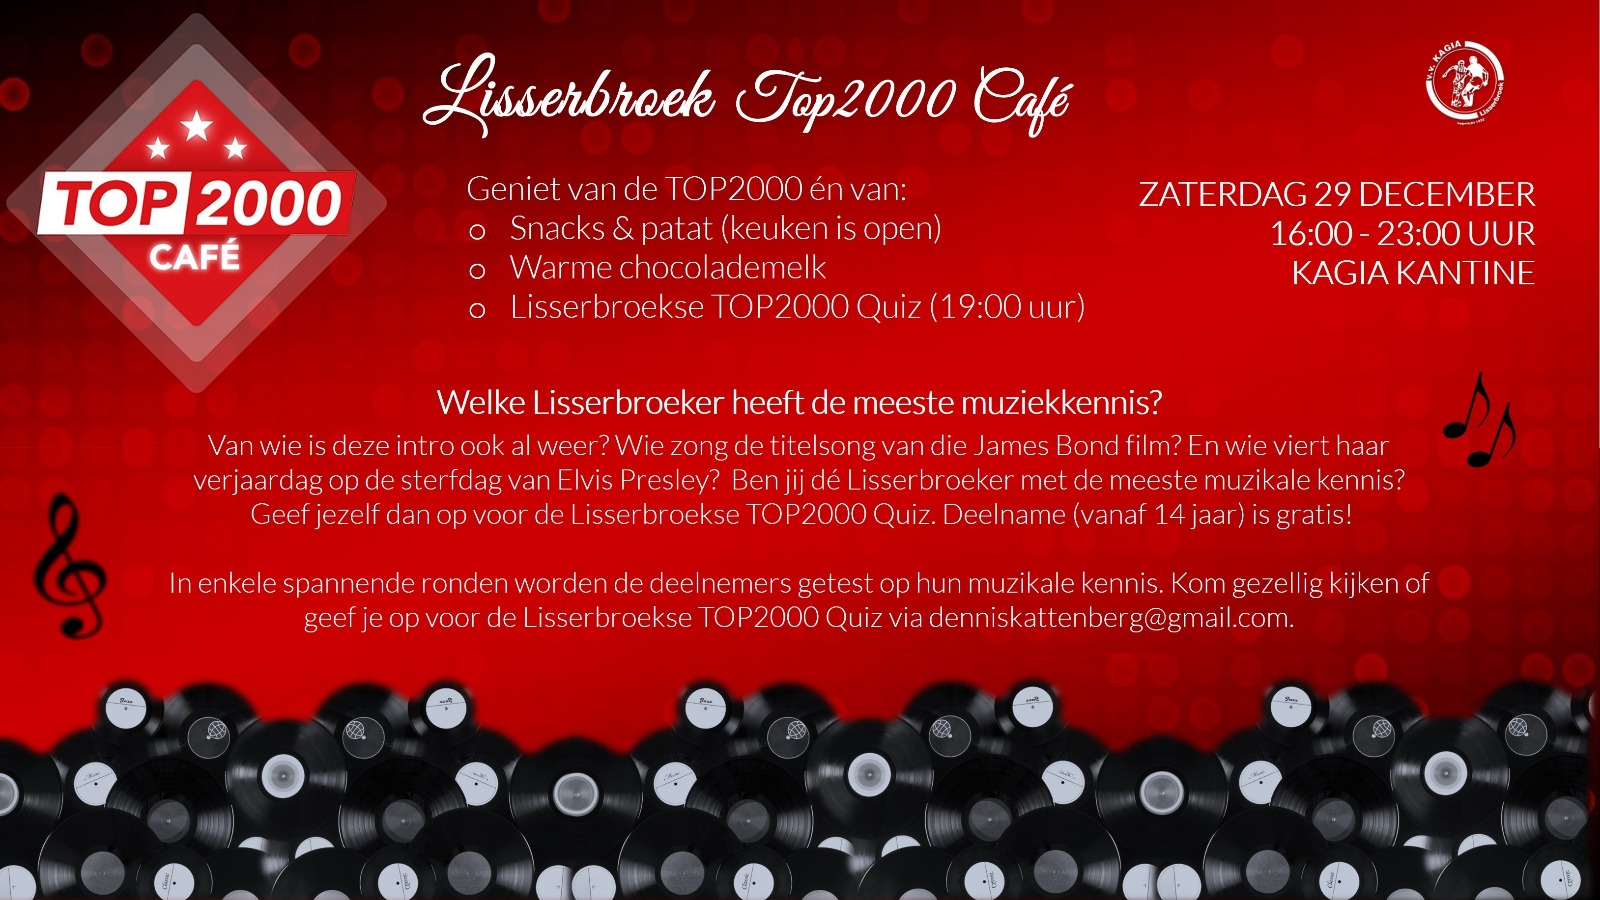 Top2000 Café Lisserbroek